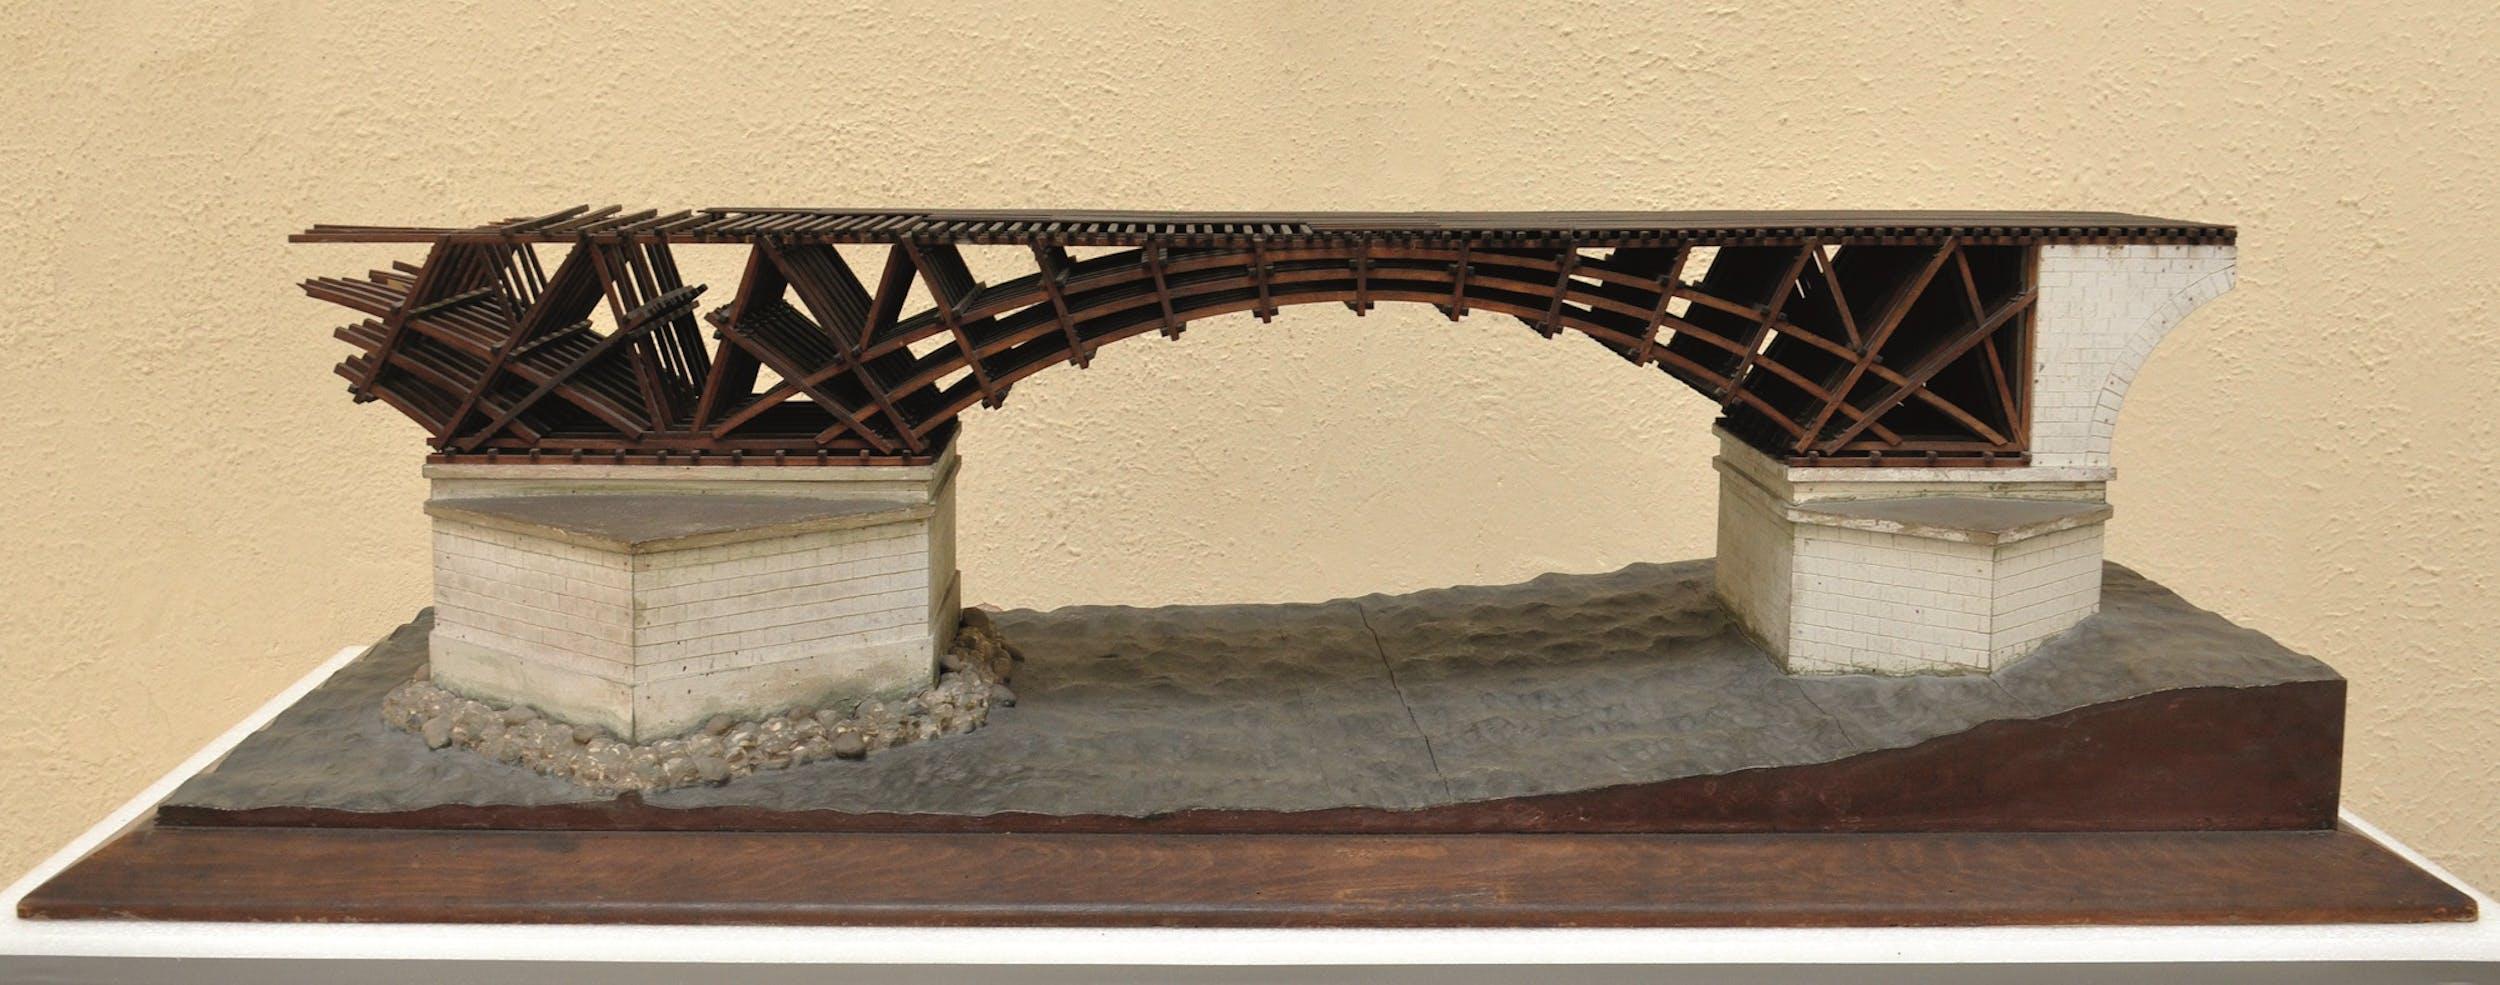 Fig. 16 Italo Gismondi Reconstruction of the Bridge over the Danube Model in 1:50 scale Museo della Civiltà Romana, Rome